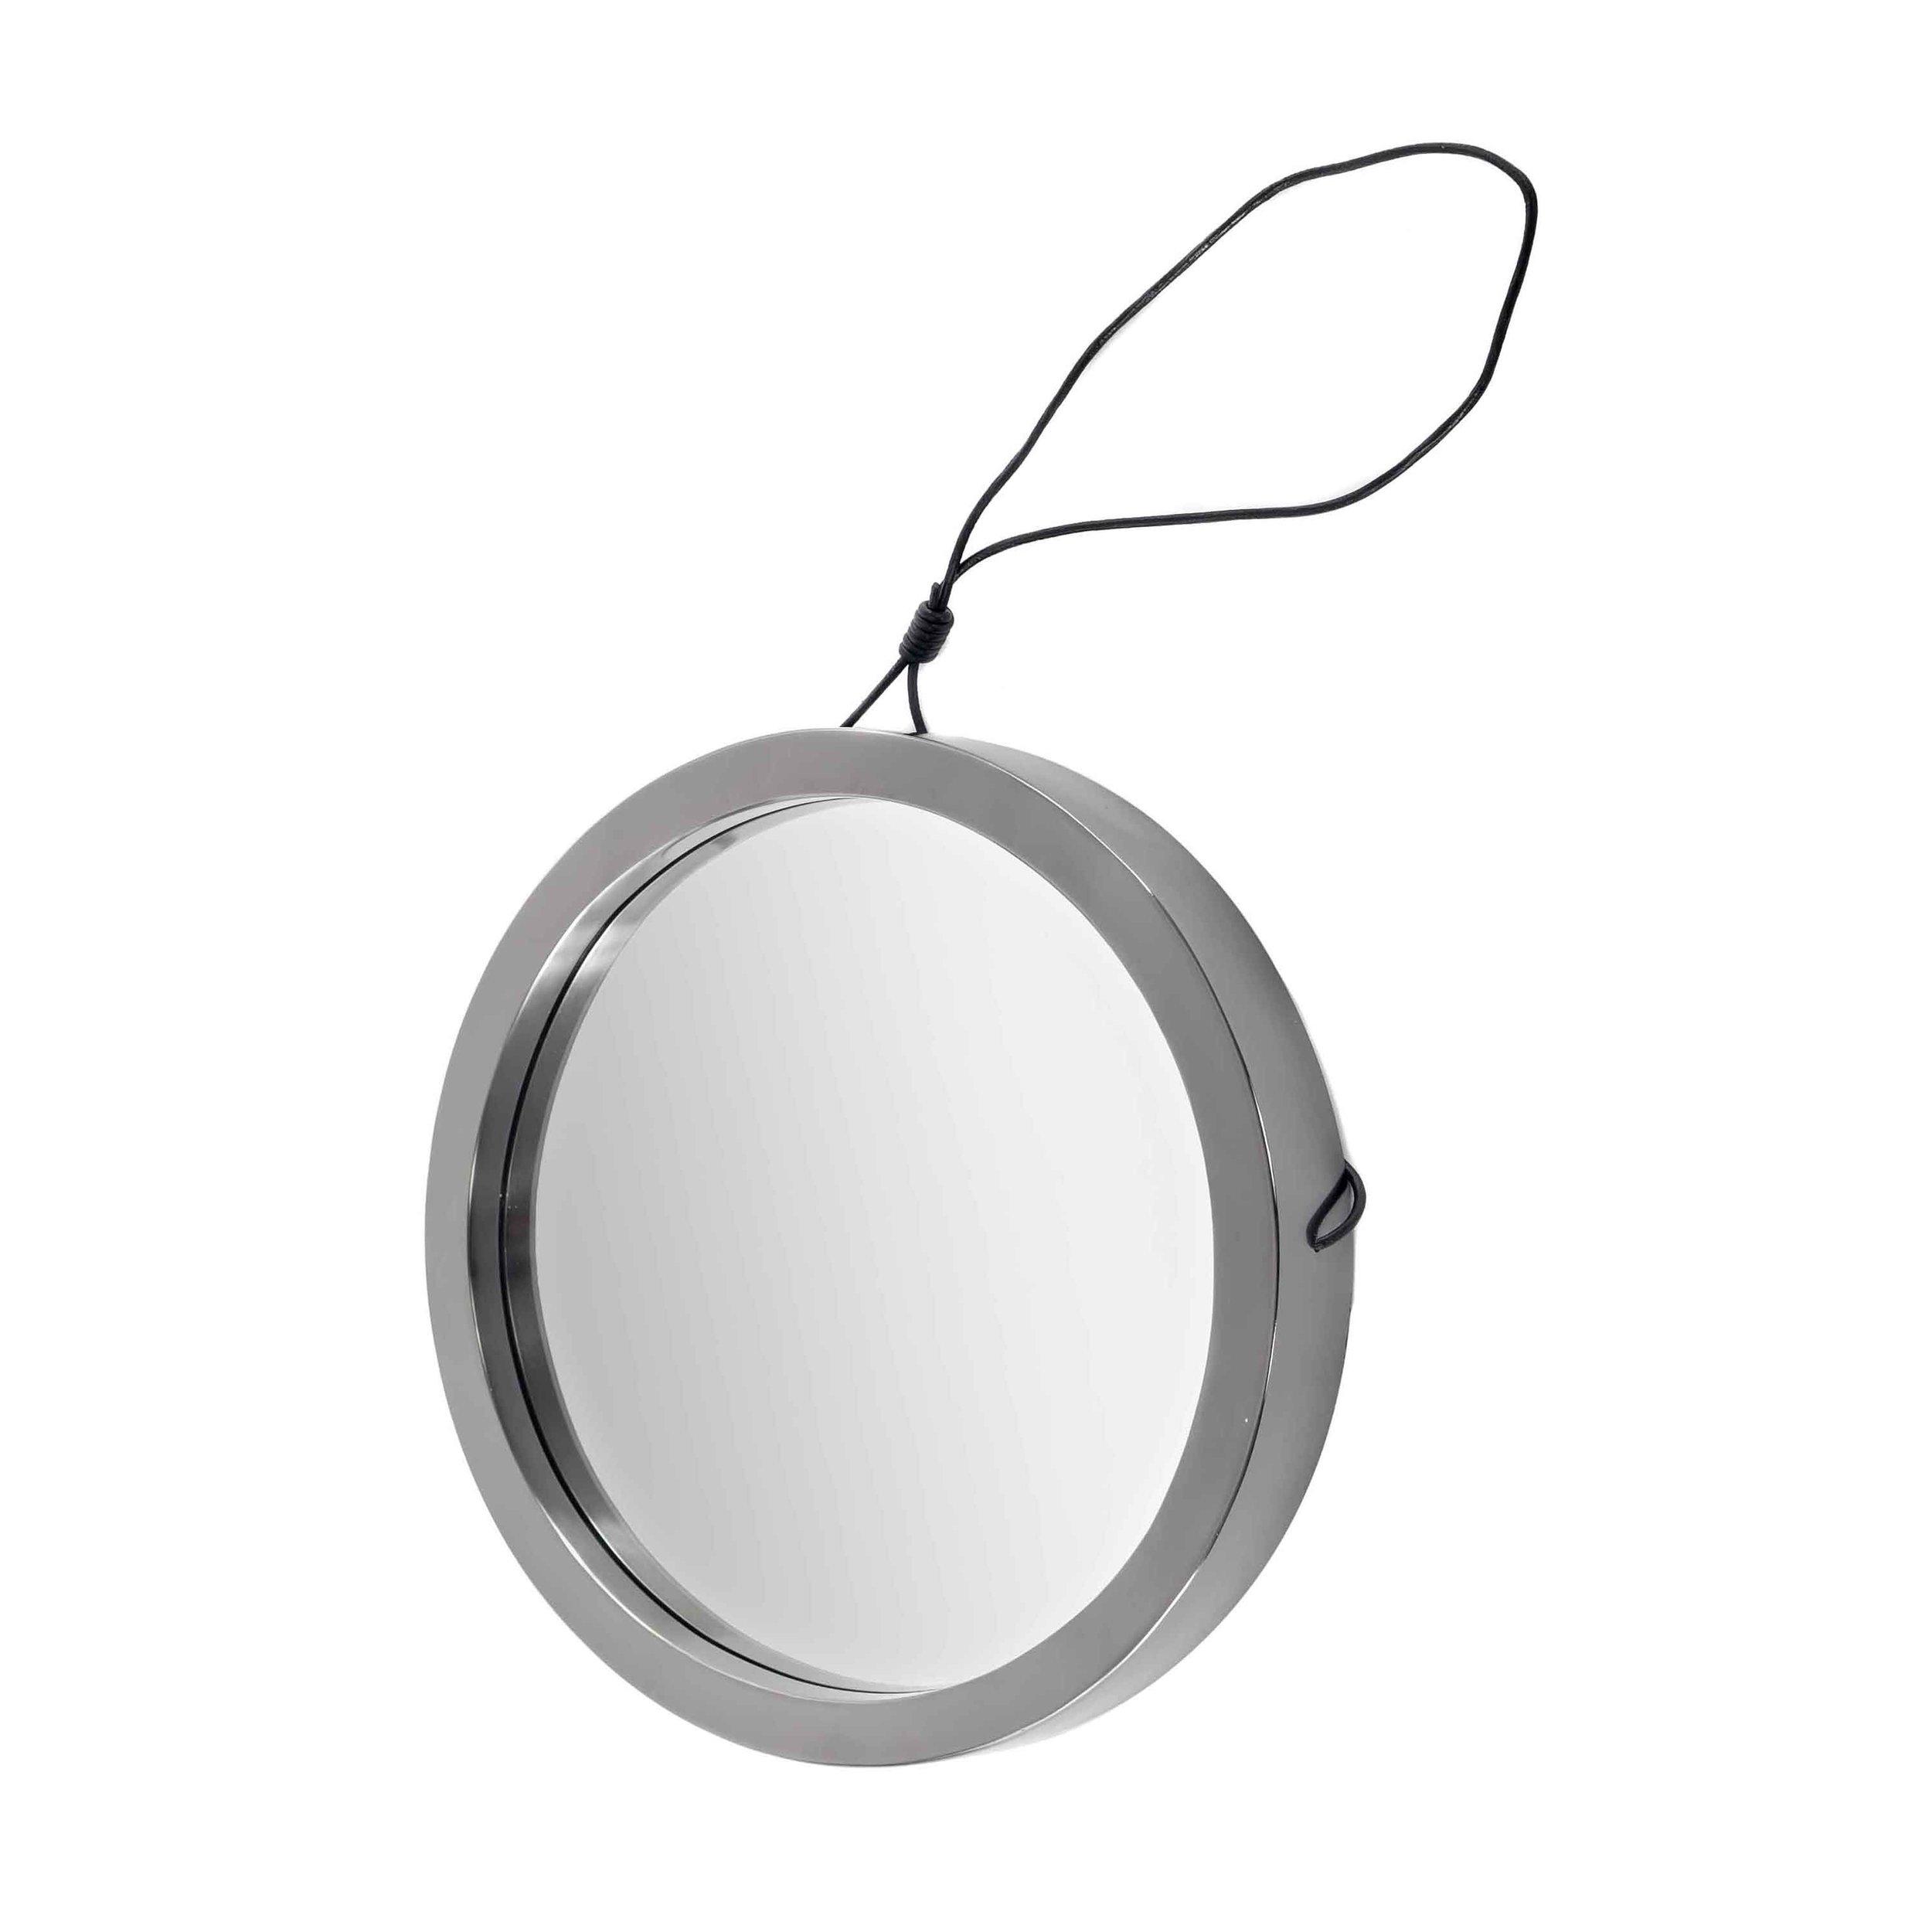 Dandy Mirror Nickel_lowres.jpg